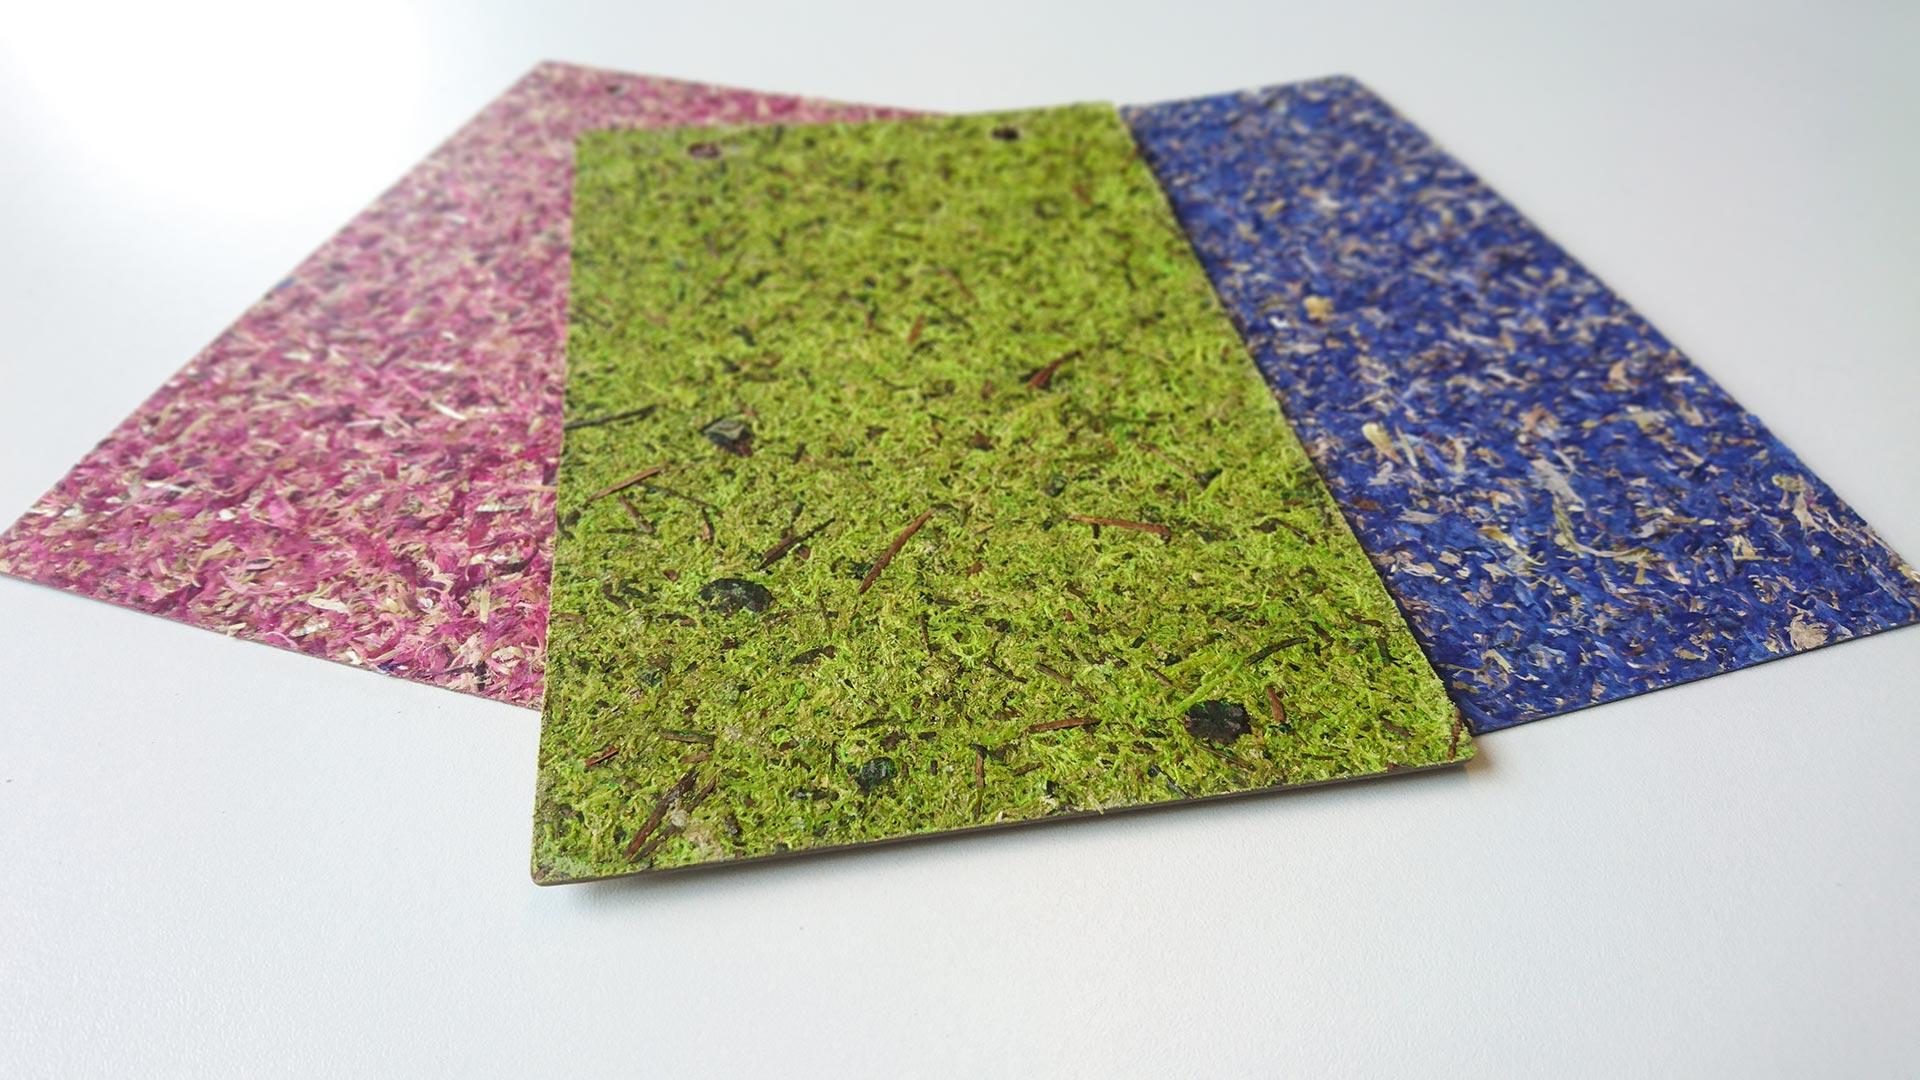 Durch Pressen der Naturwerkstoffe entsteht eine Matte, die sich einfach auf gerade Flächen aufbringen lässt. Durch ein spezielles Verfahren kann das organische Material aber auch direkt in Form gepresst werden.